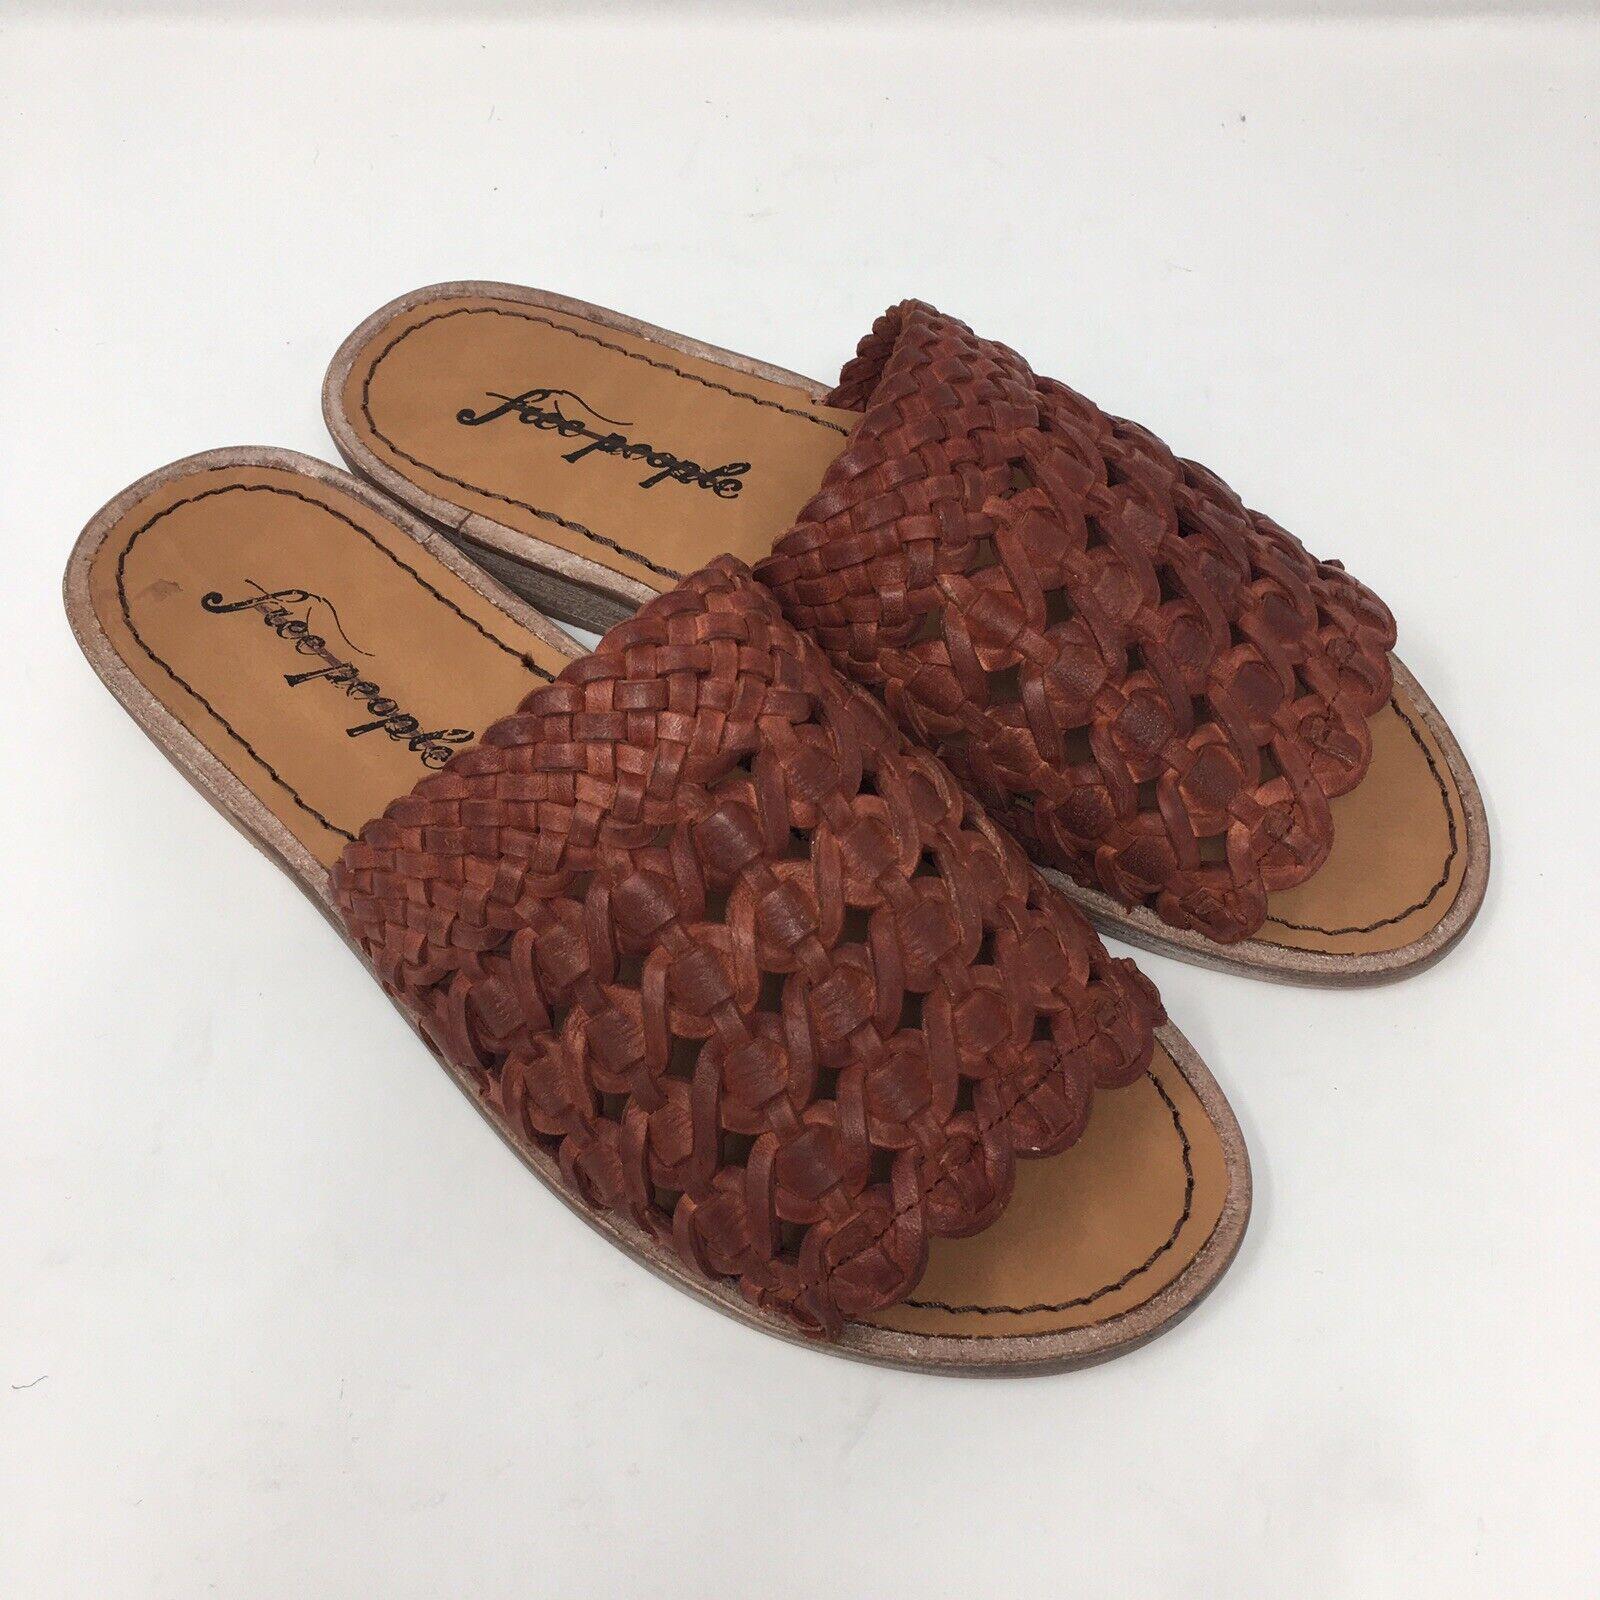 Free People röd Crossroads Slide Sandals Storlek 36 = = = 6 BRAND ny I BOX Sold Out  spara upp till 30-50% rabatt